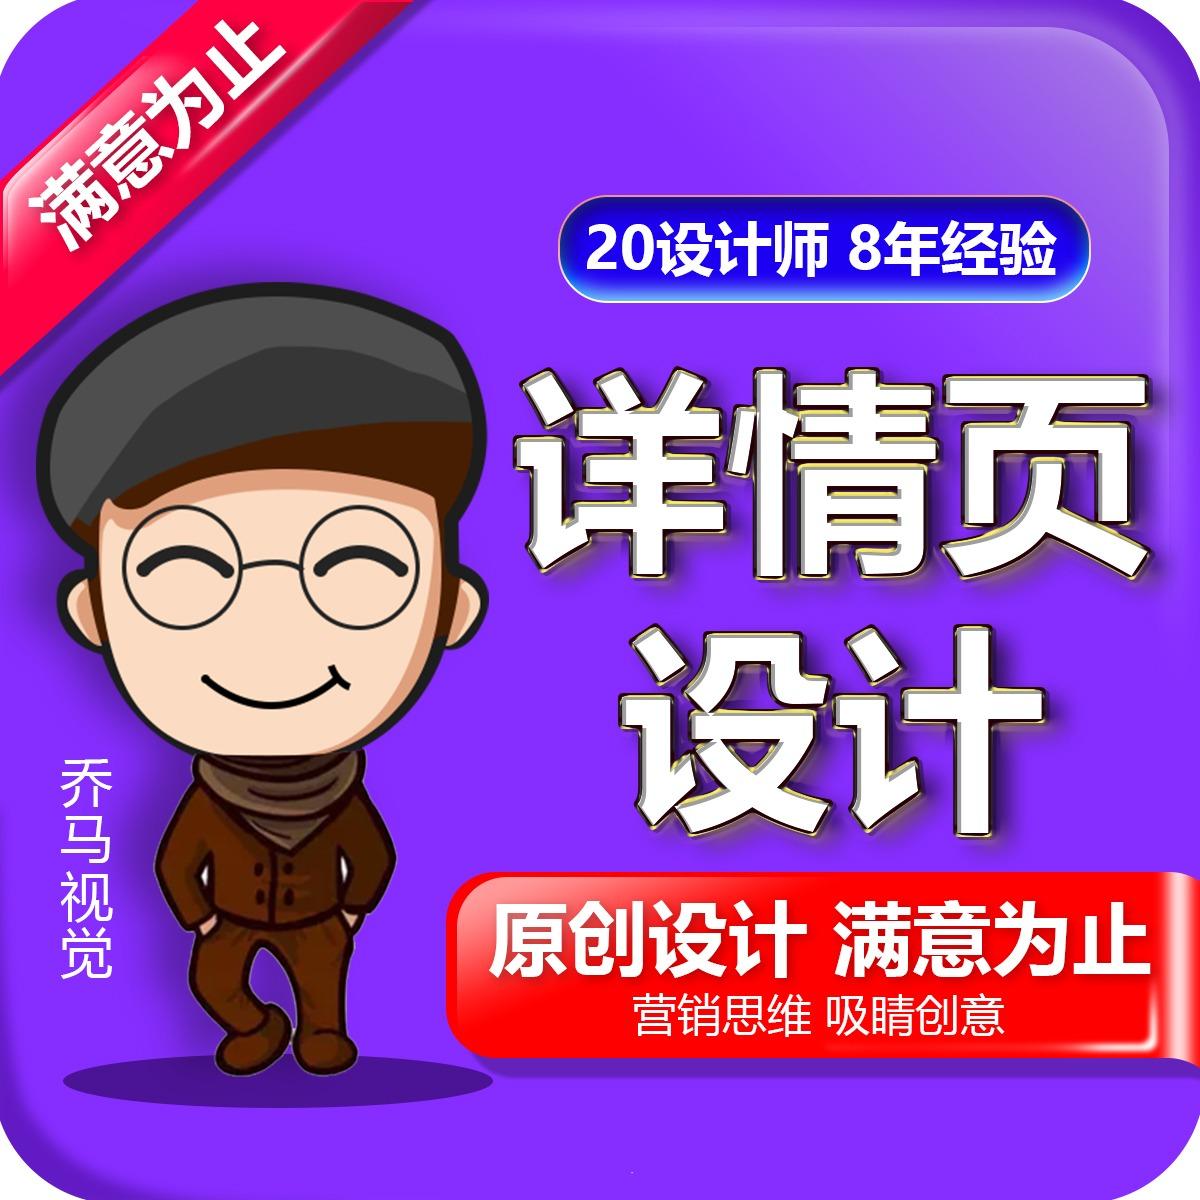 天猫淘宝京东阿里巴巴拼多多速卖通国际站网店详情页设计制作描述